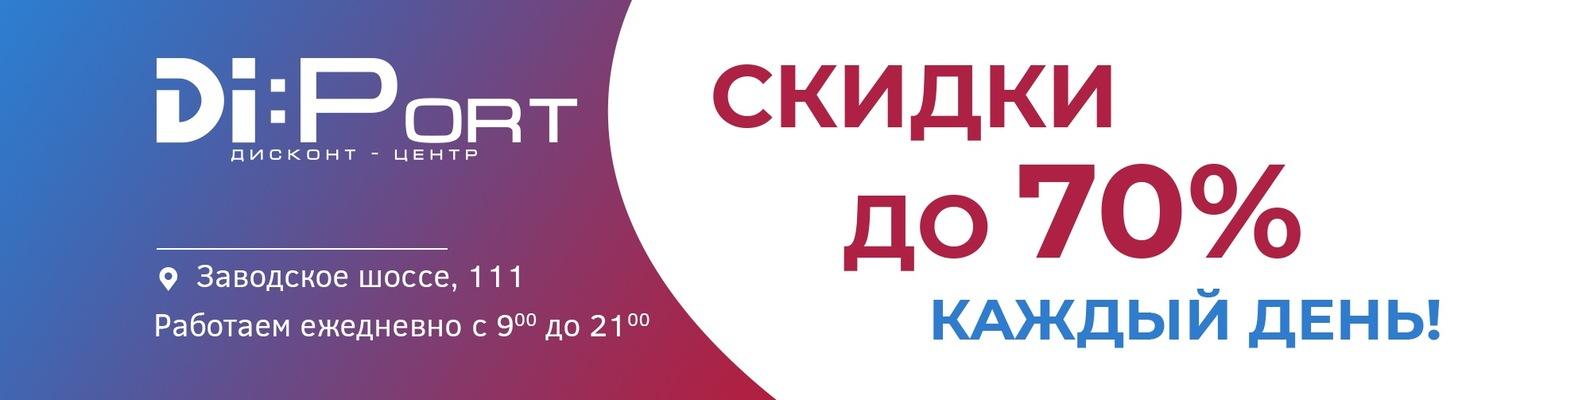 f4453ff213e04 Диcконт-центр ДиПорт | Единственный ДЦ в Самаре | ВКонтакте